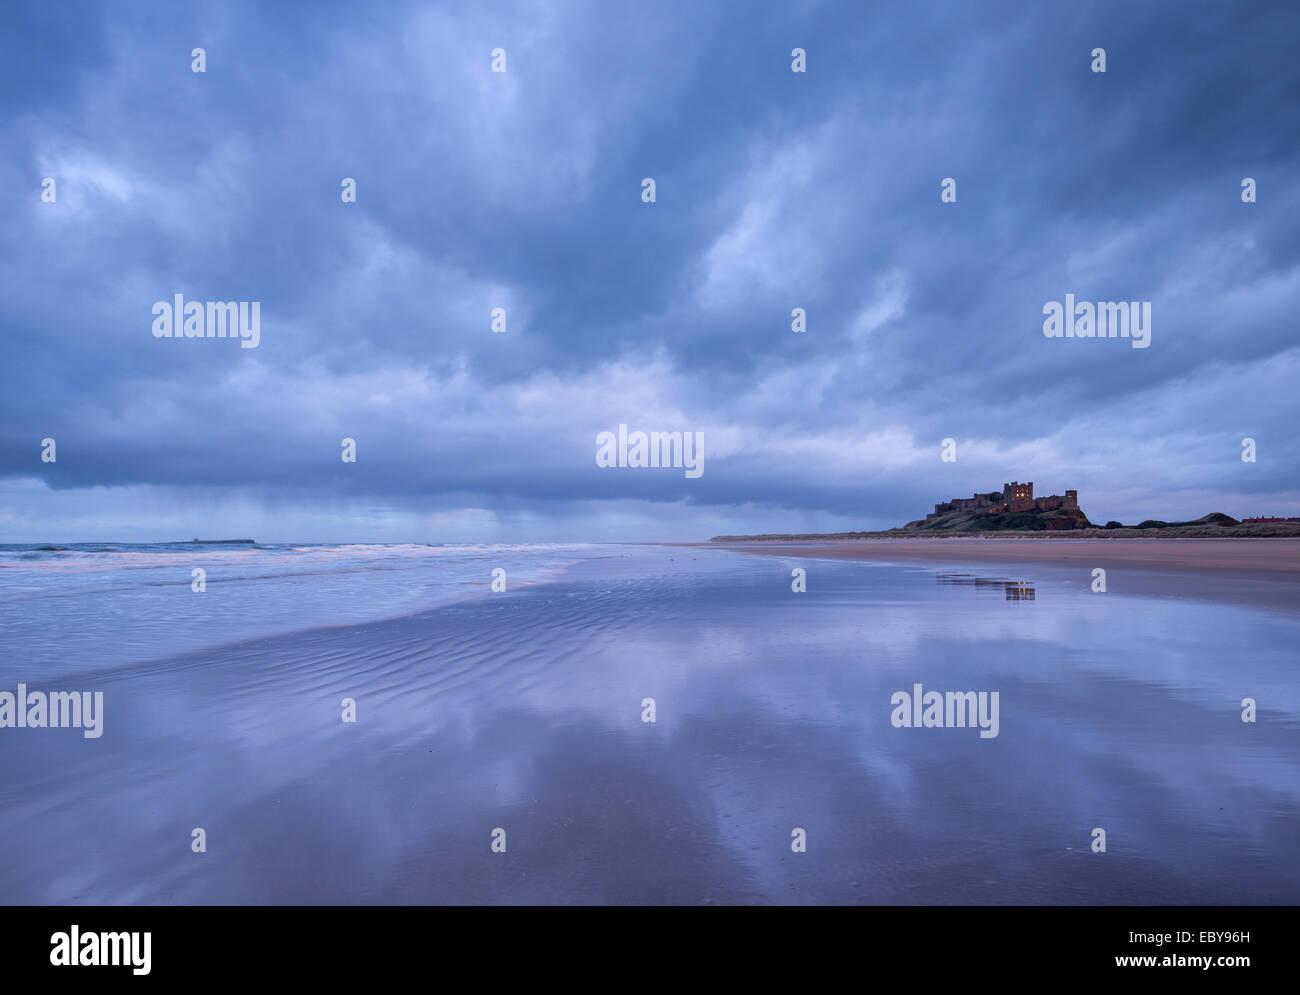 Stormclouds riflettere sulla spiaggia deserta accanto al castello di Bamburgh, Northumberland, Inghilterra. Inverno Immagini Stock